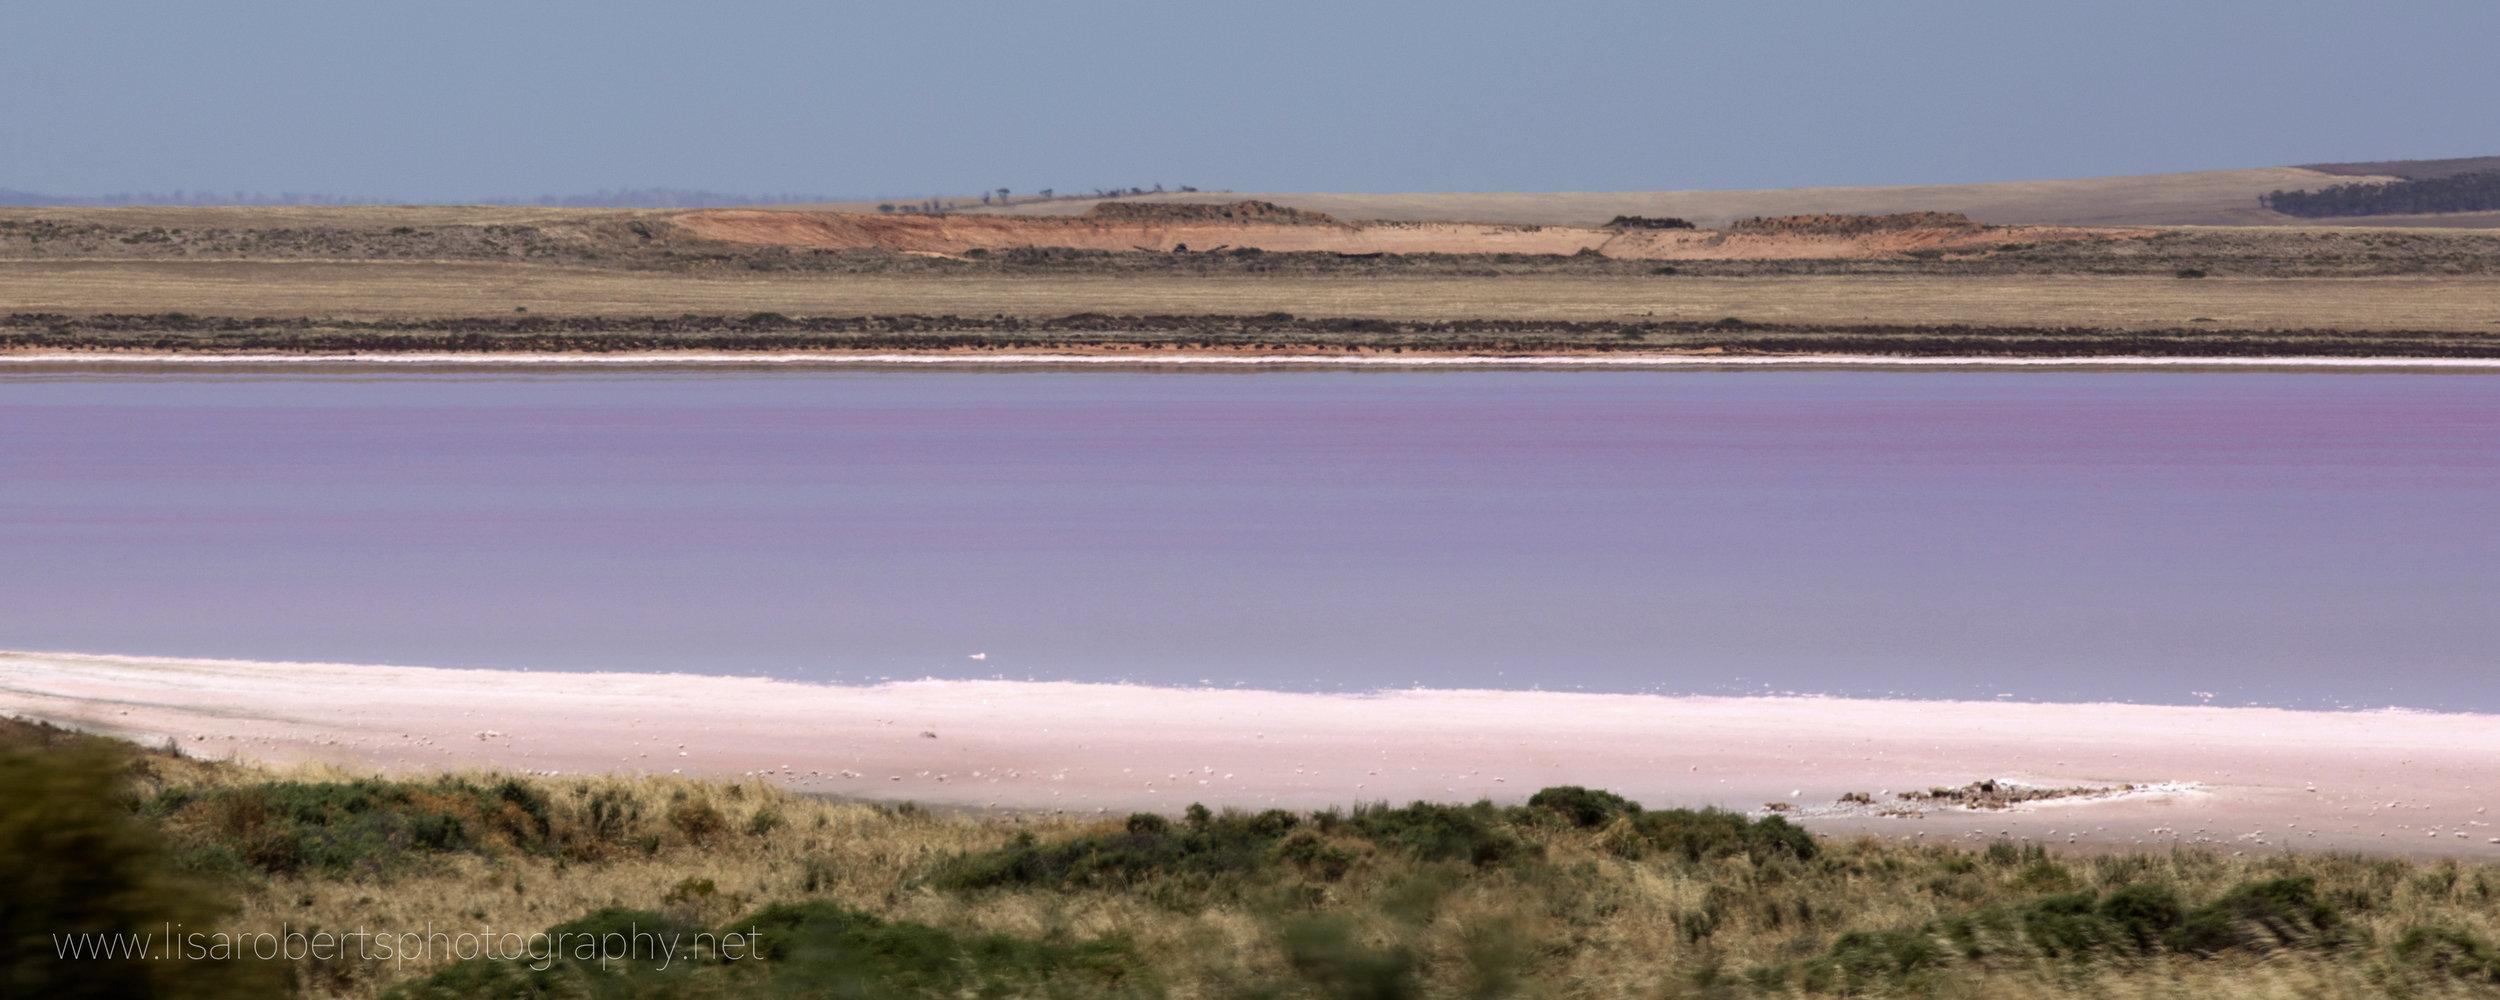 Pink Salt Lake, Lochiel, South Australia